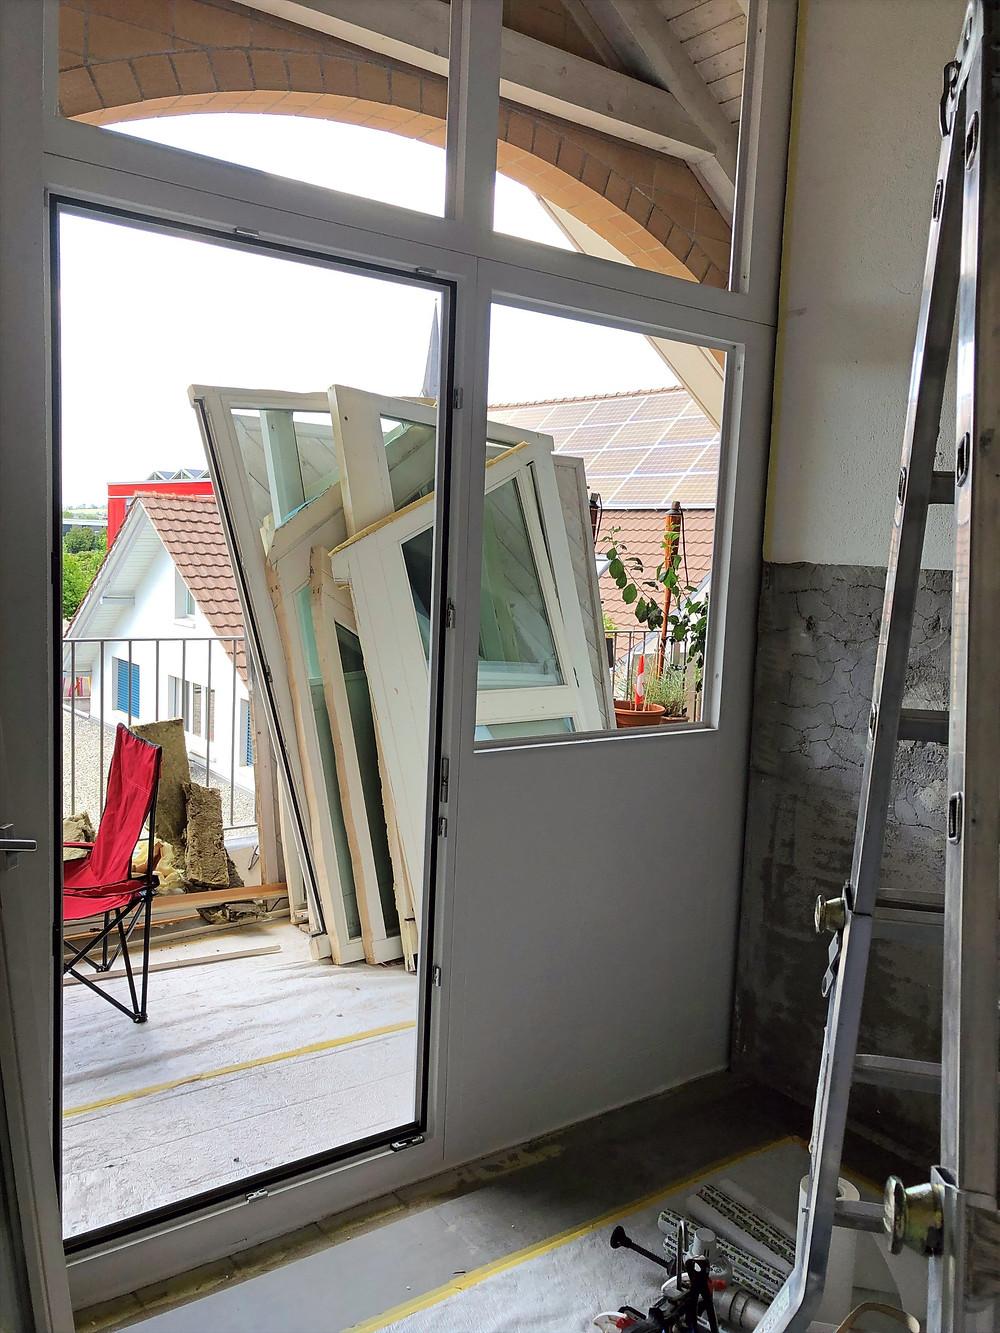 Einbau der neuen Balkonverglasungen welche bis 4.00m hoch sind